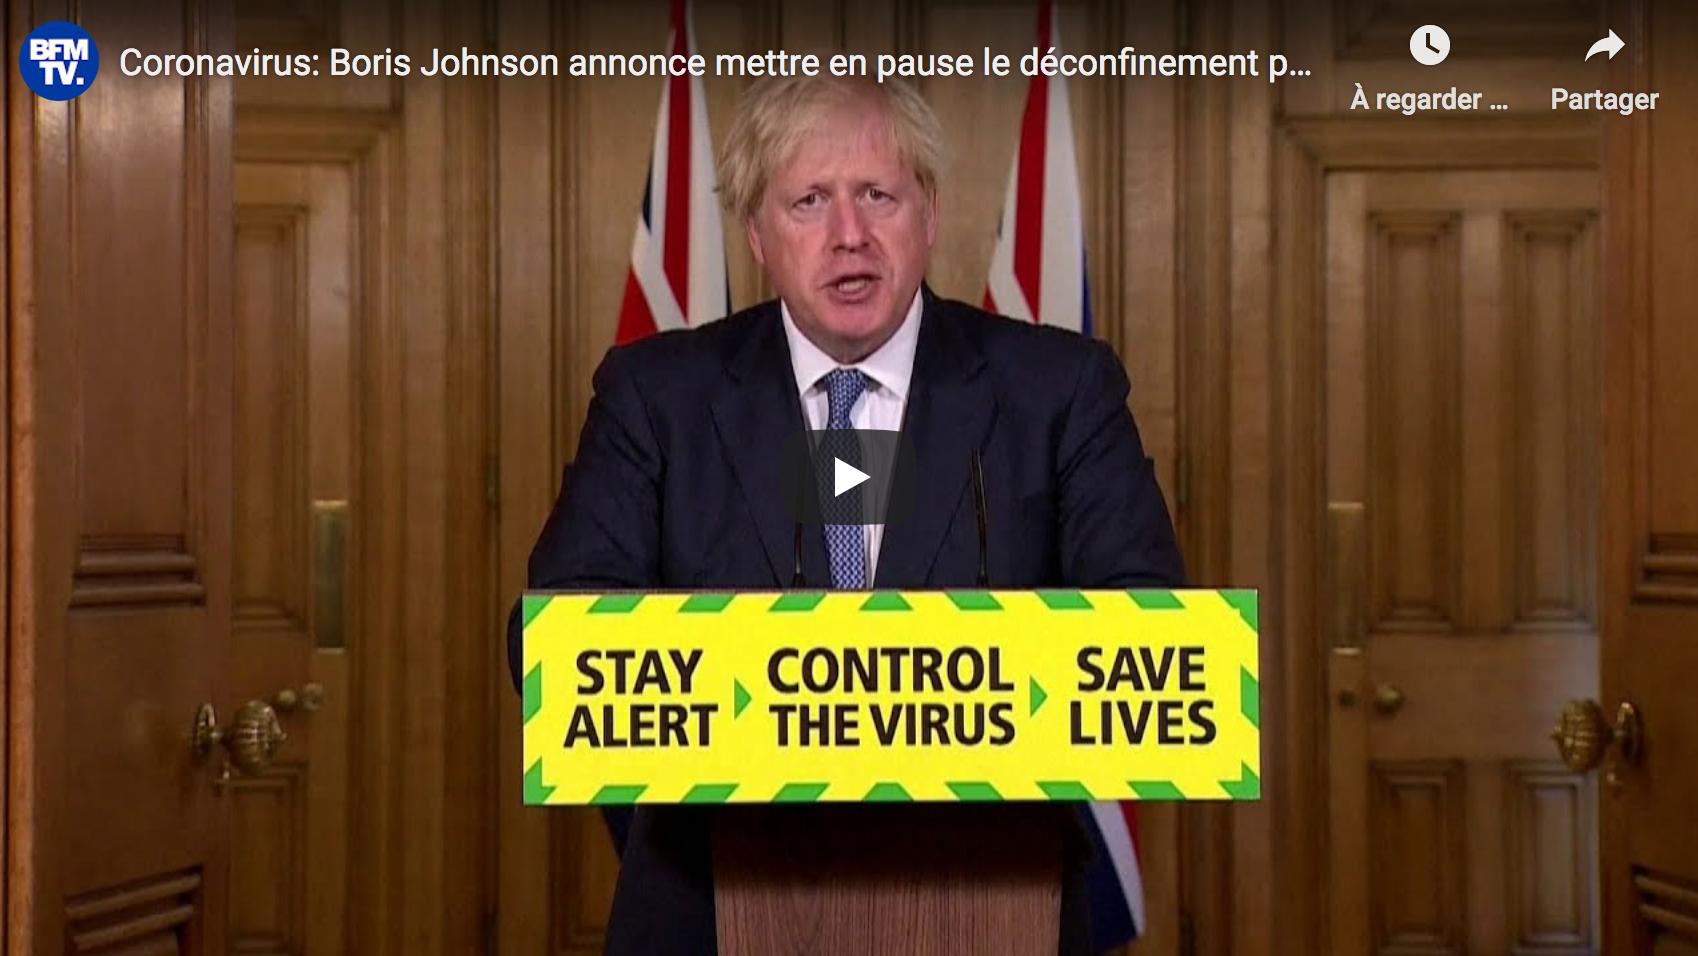 Coronavirus : Boris Johnson annonce mettre en pause le déconfinement pour 15 jours au Royaume-Uni